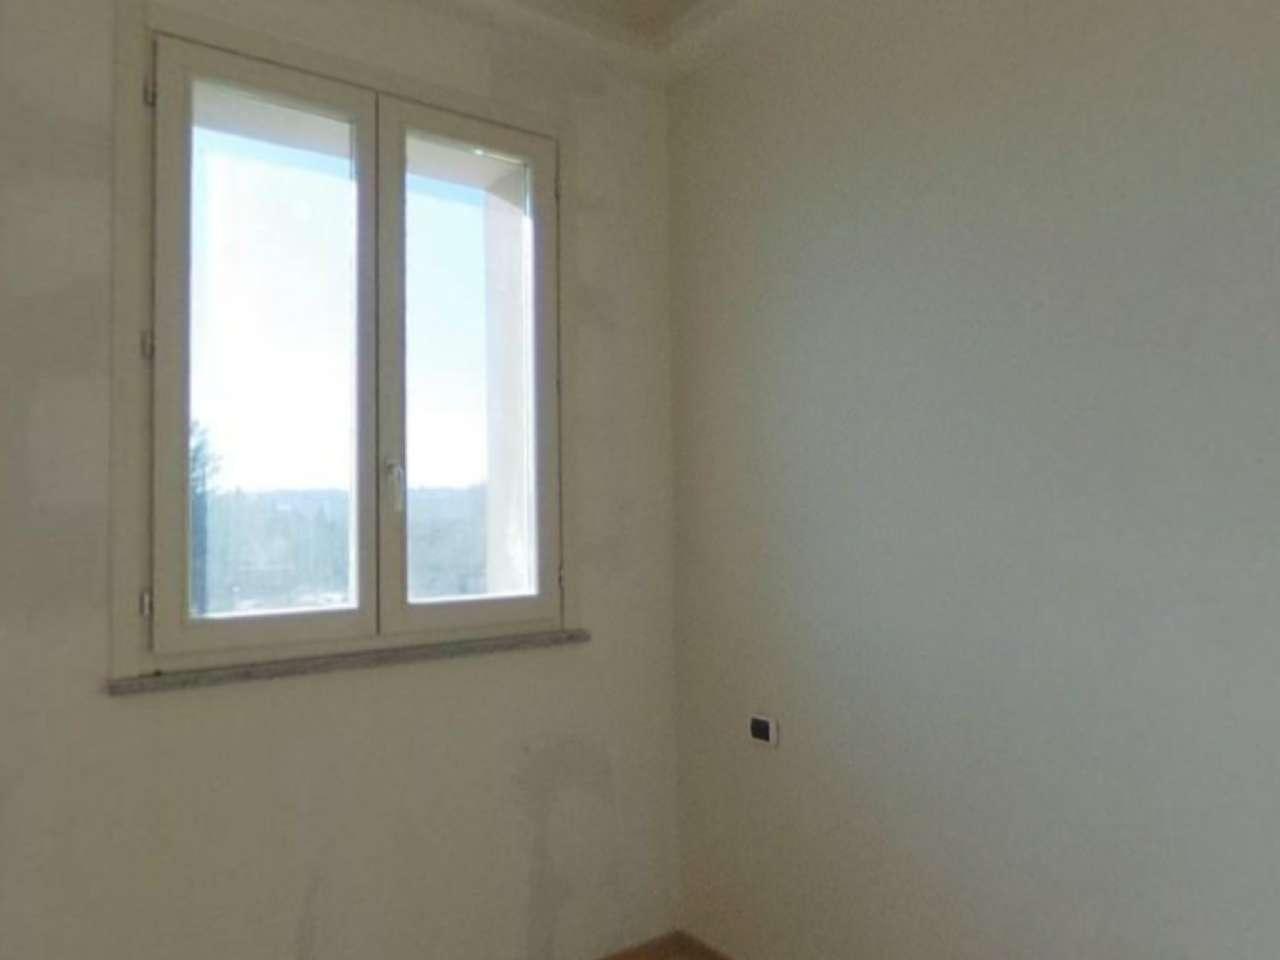 Lissago - Calcinate - Trilocale con grande terrazzo e box, foto 6